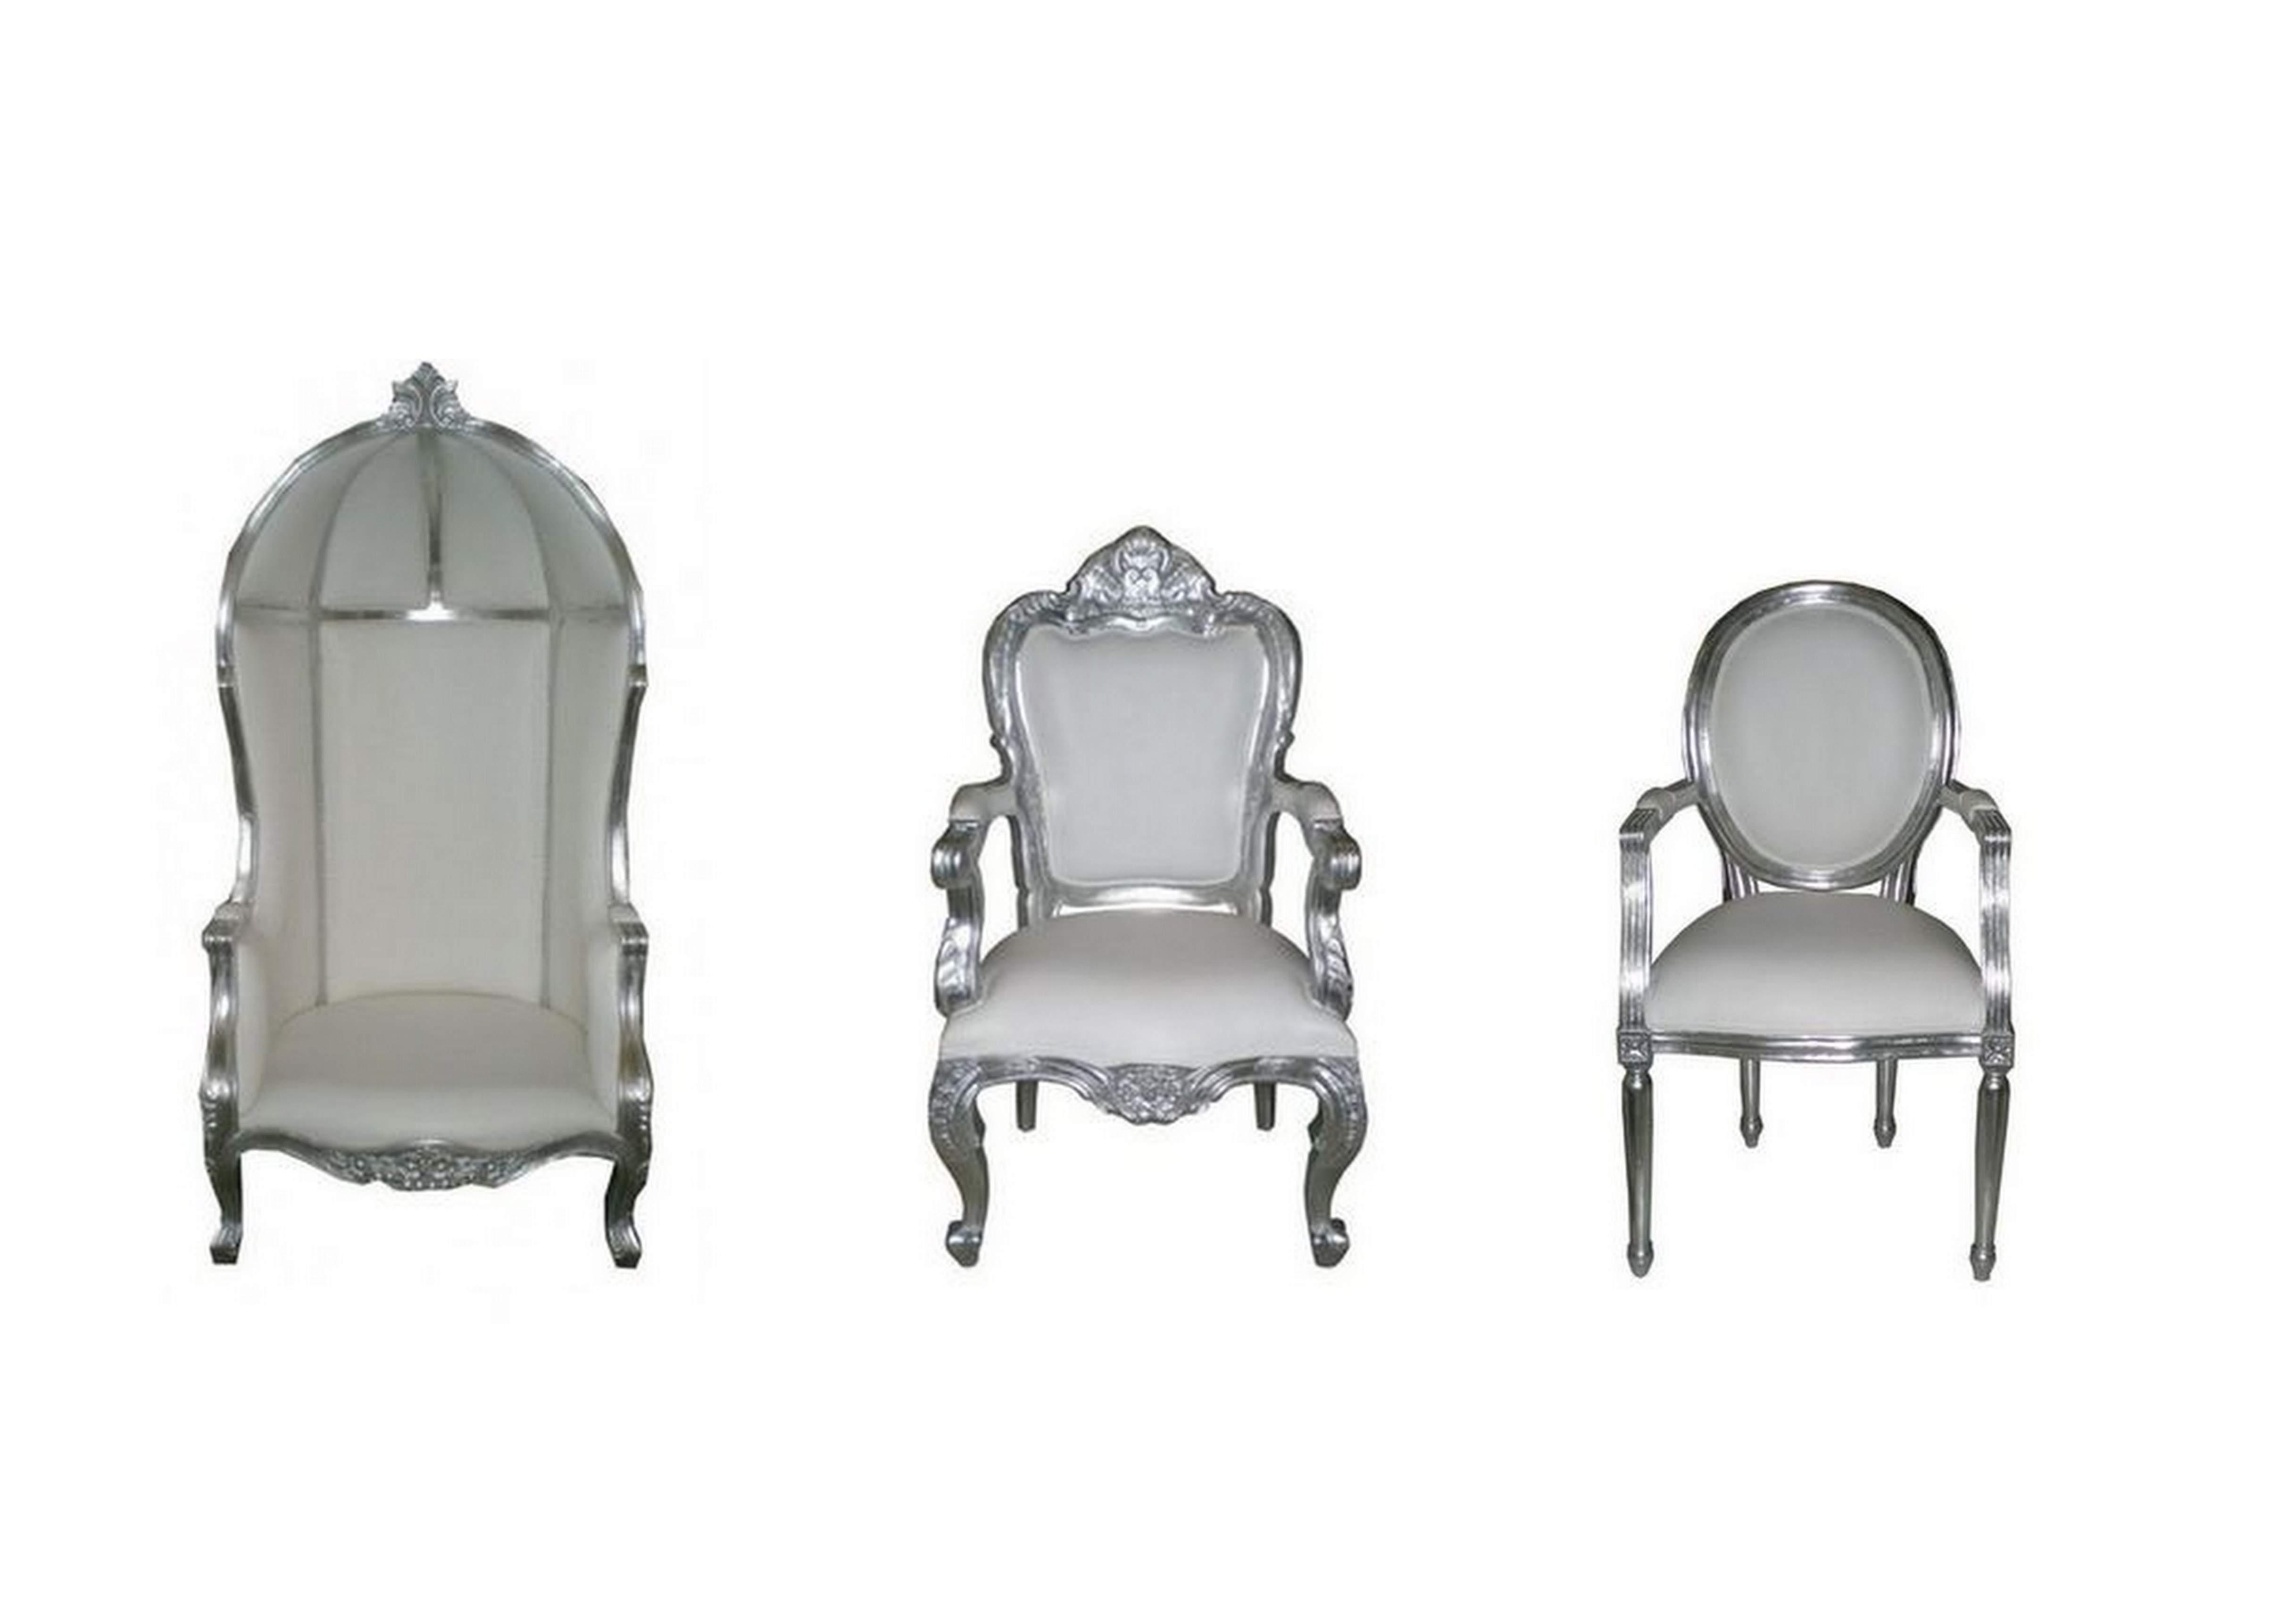 fauteuil-a-travers-styles-partie-i-origine-de-louis-xiii-style-regence